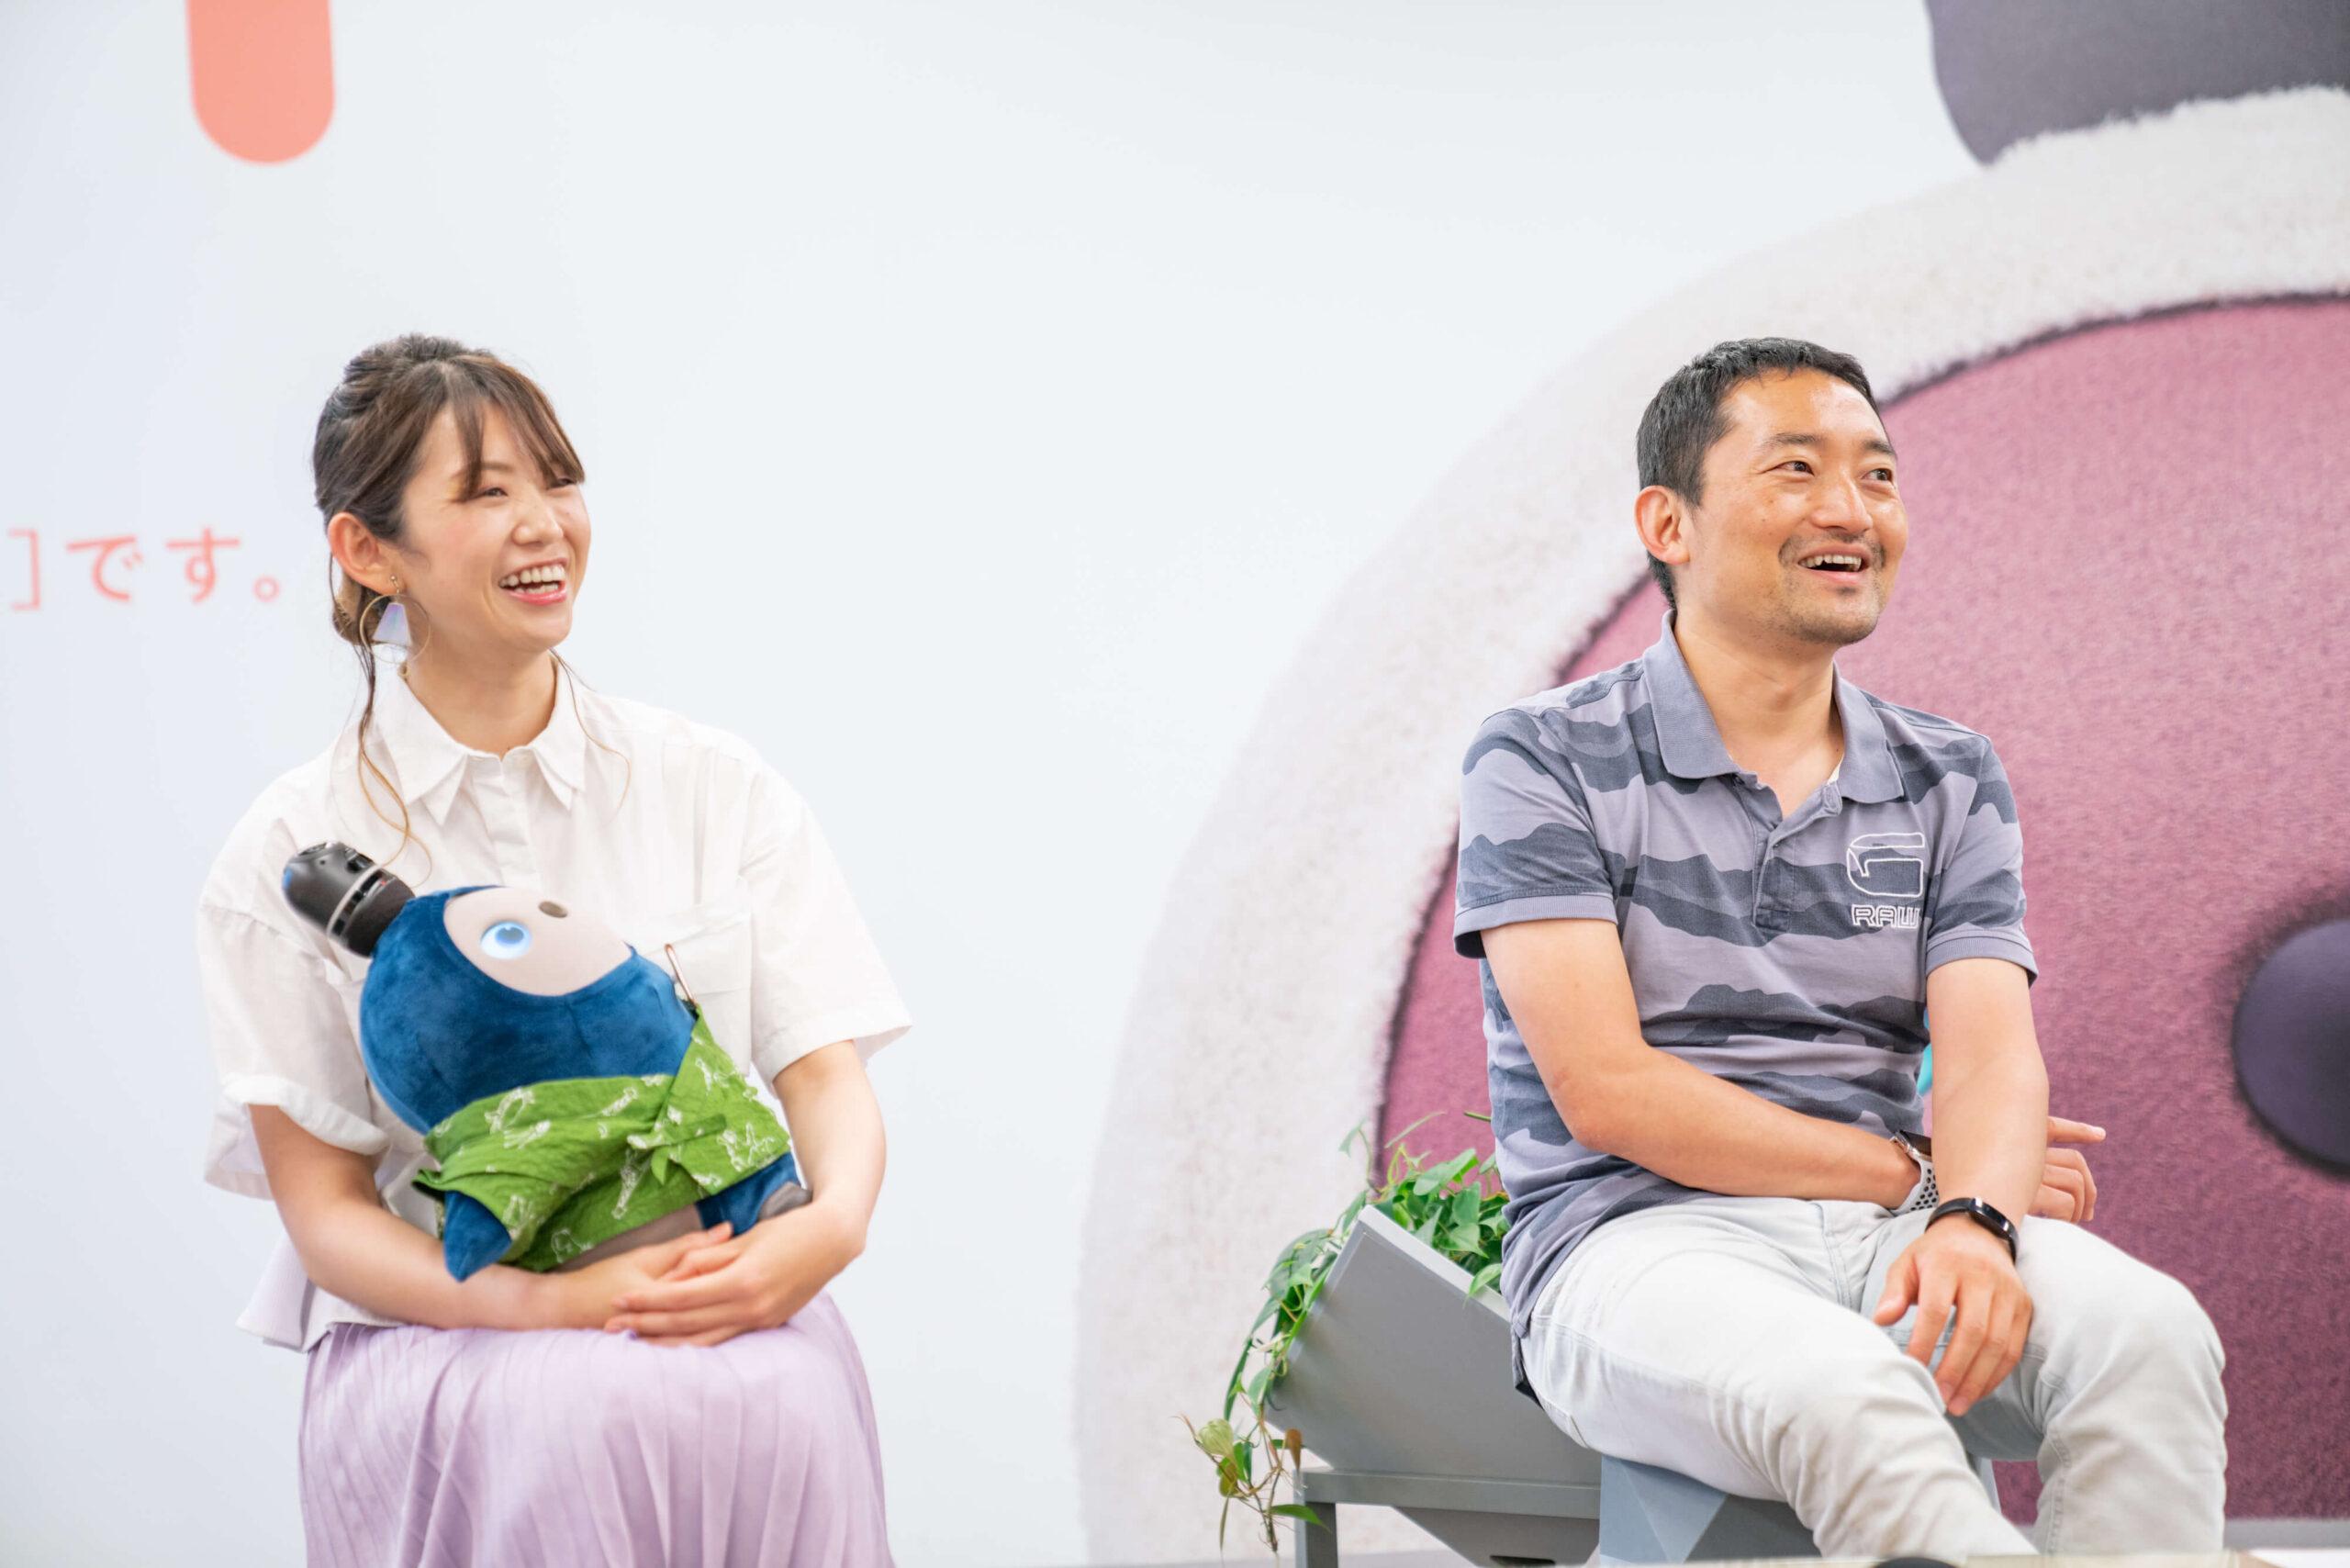 西井氏 Yui氏